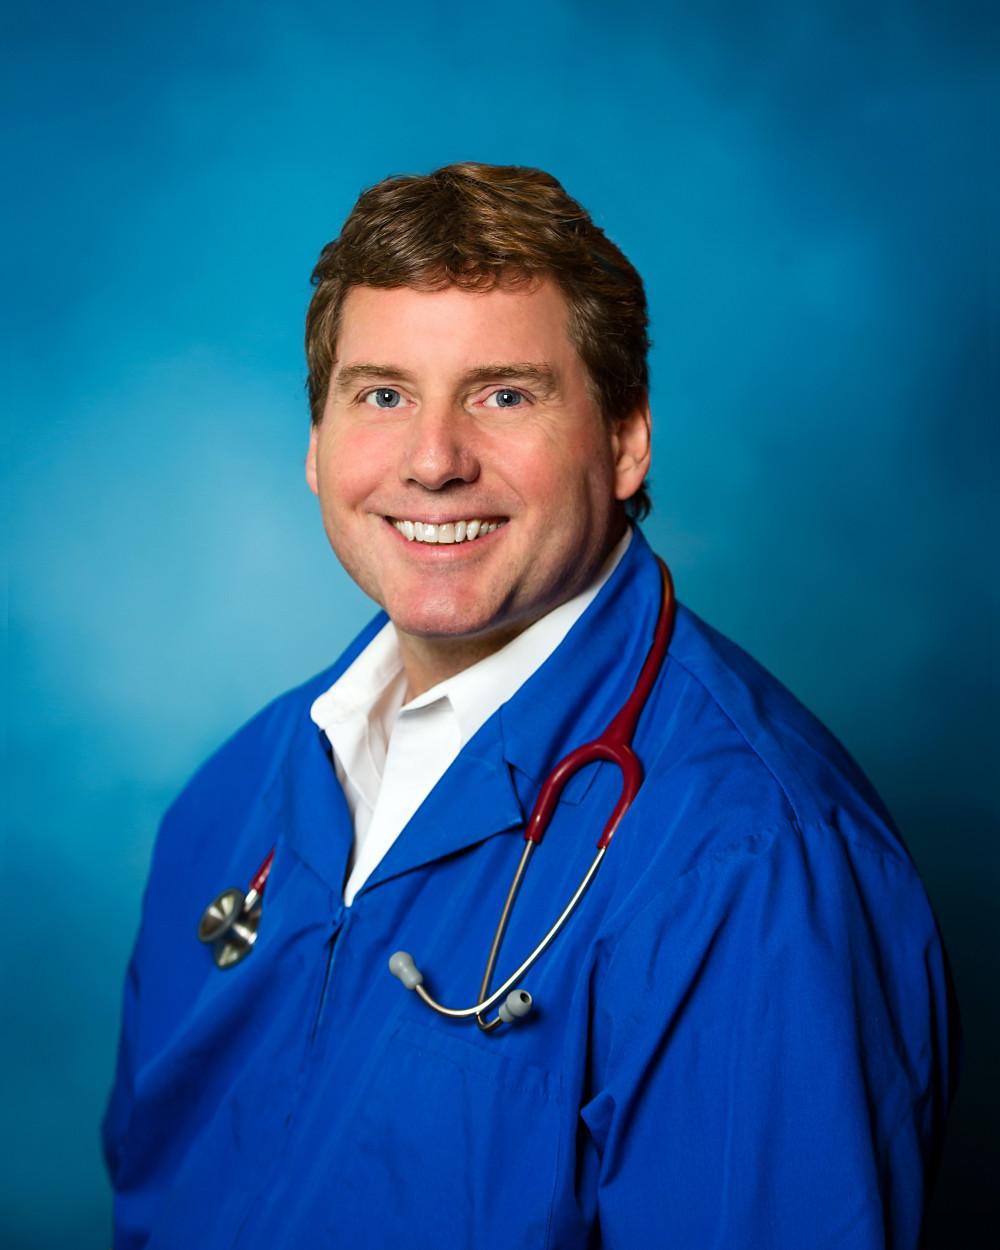 Dr. Scott McMahon